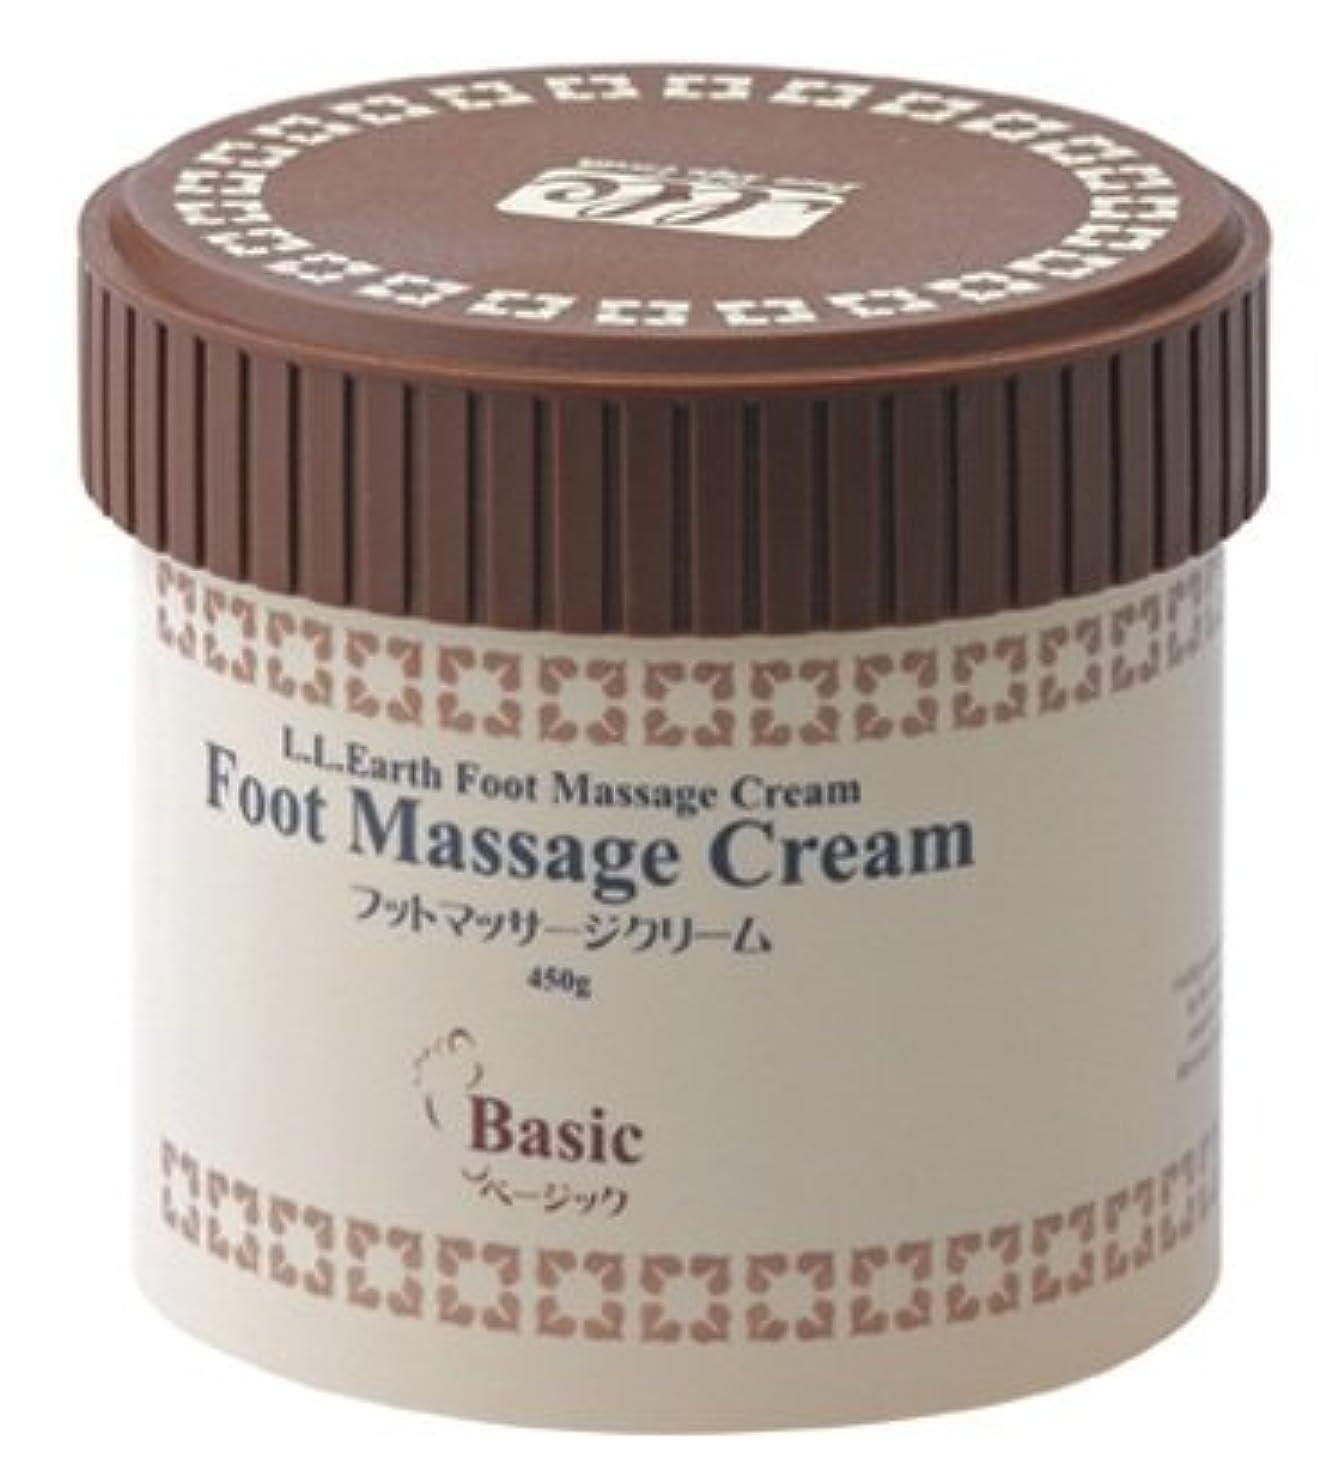 横たわる部分放散するLLE 業務用 フットマッサージクリーム 450g [香り2種類] (フットマッサージ専用) ベーシック